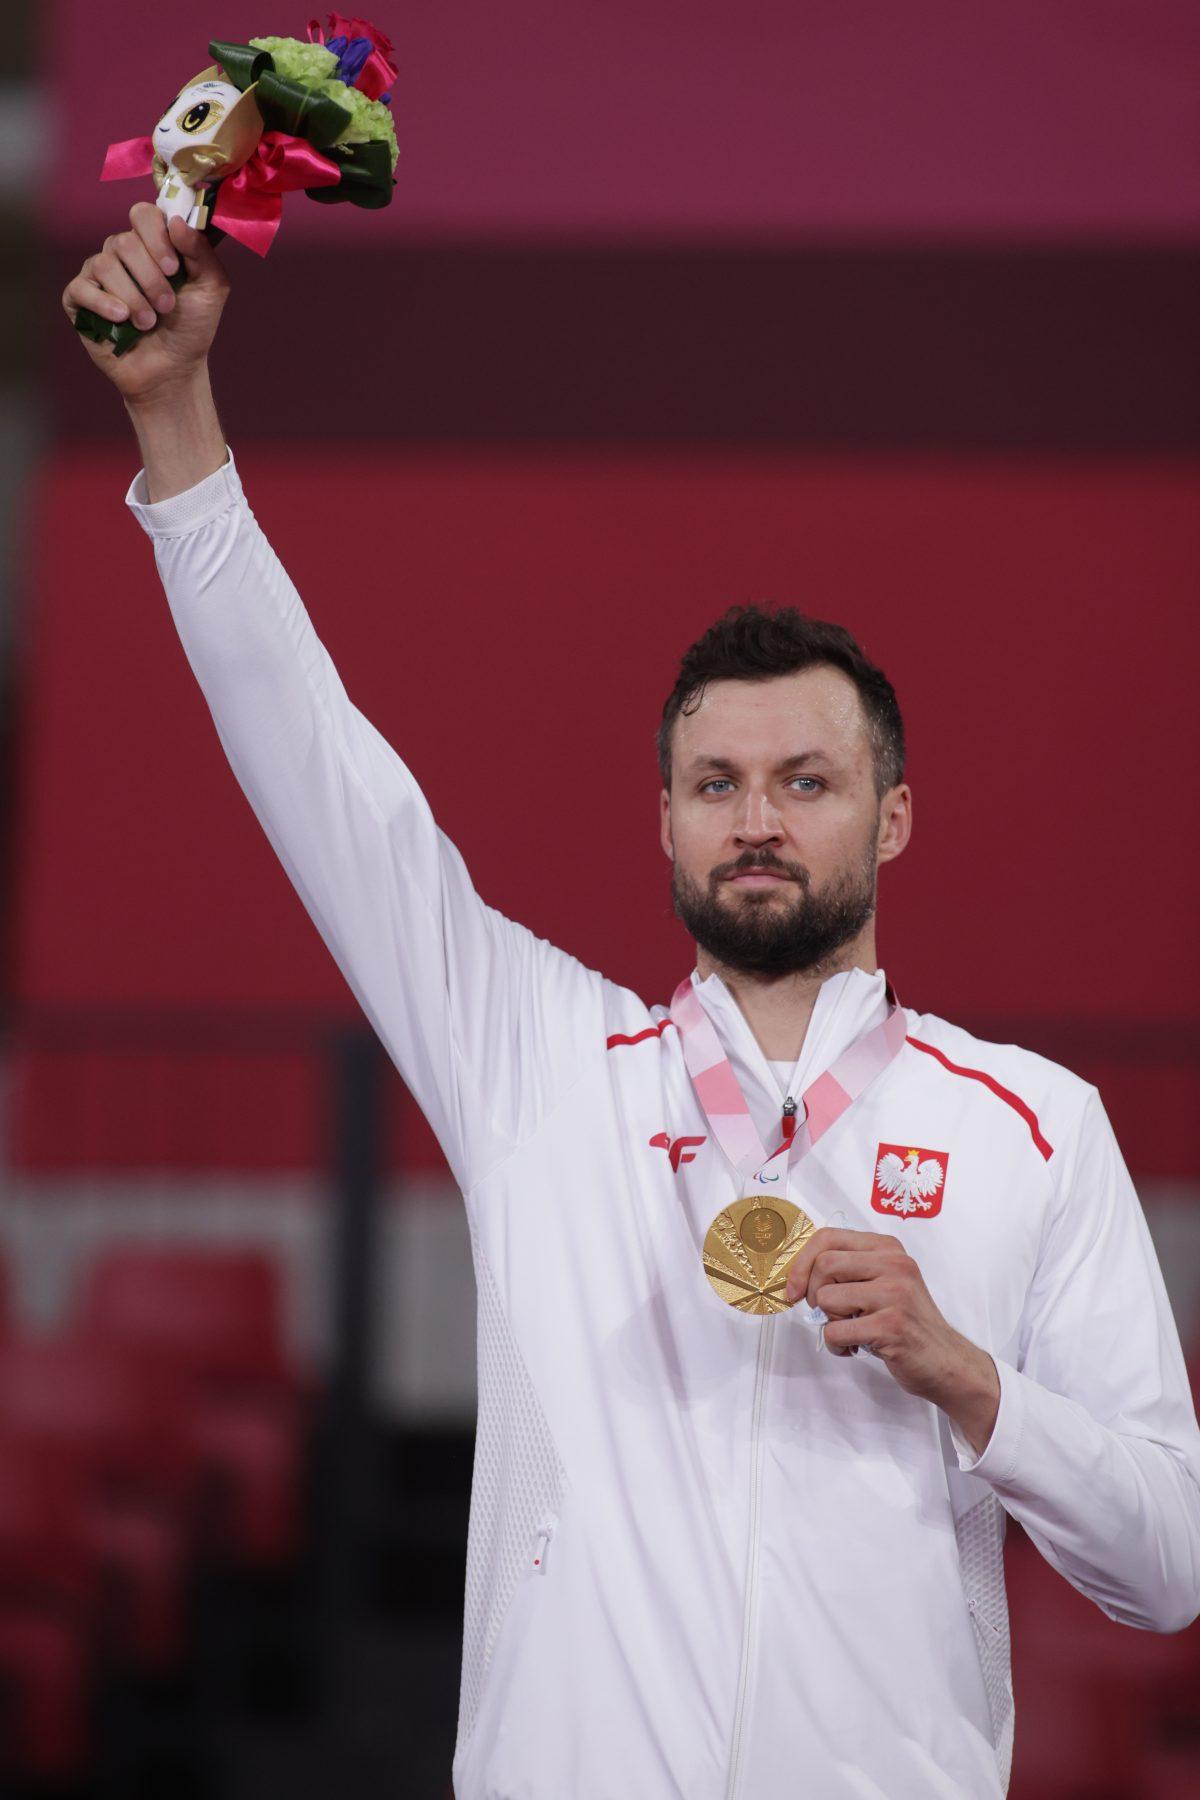 パトリック・ホイノスキ(ポーランド)